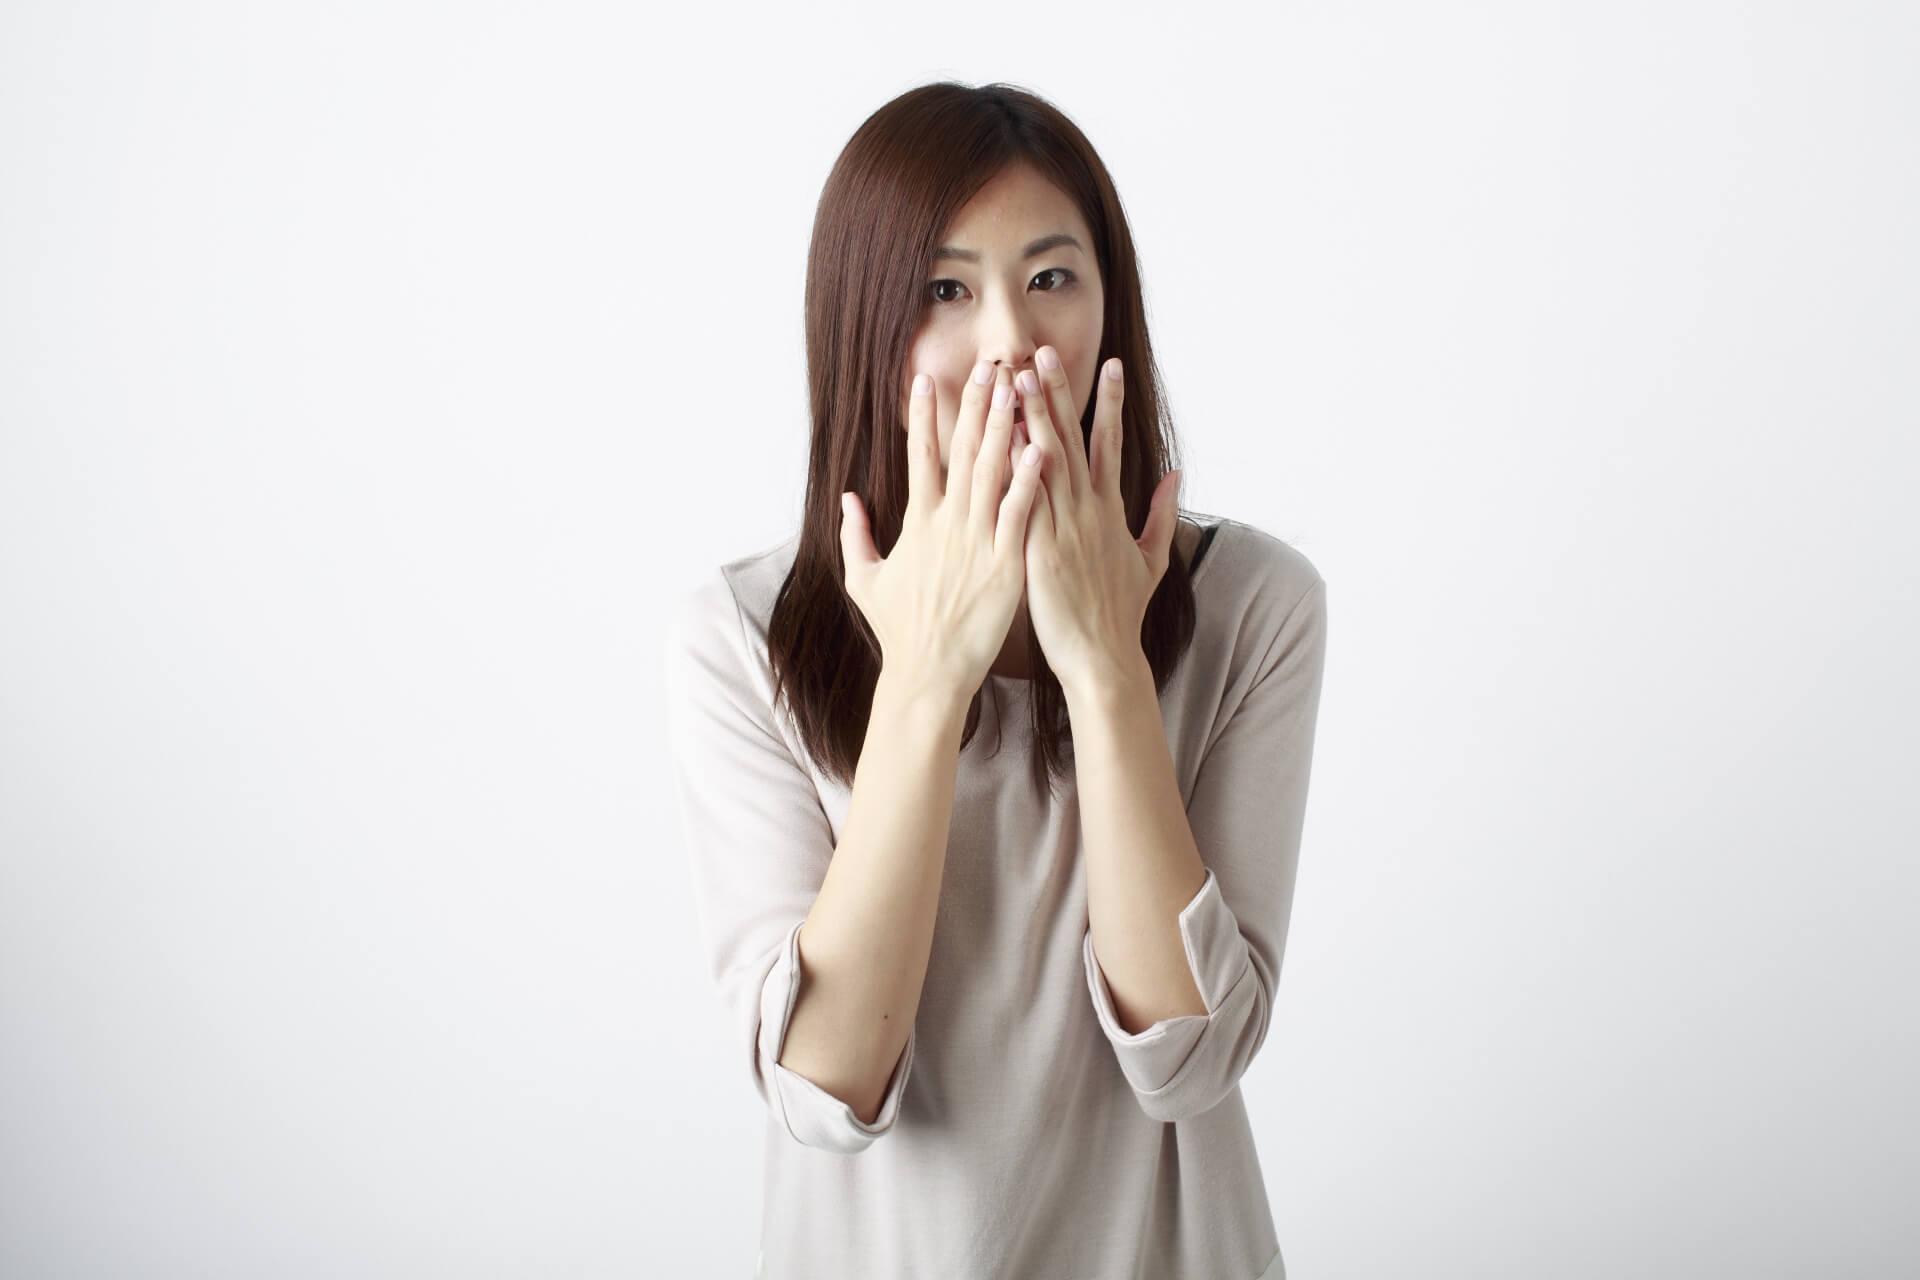 歯並びが悪い人の滑舌トレーニング